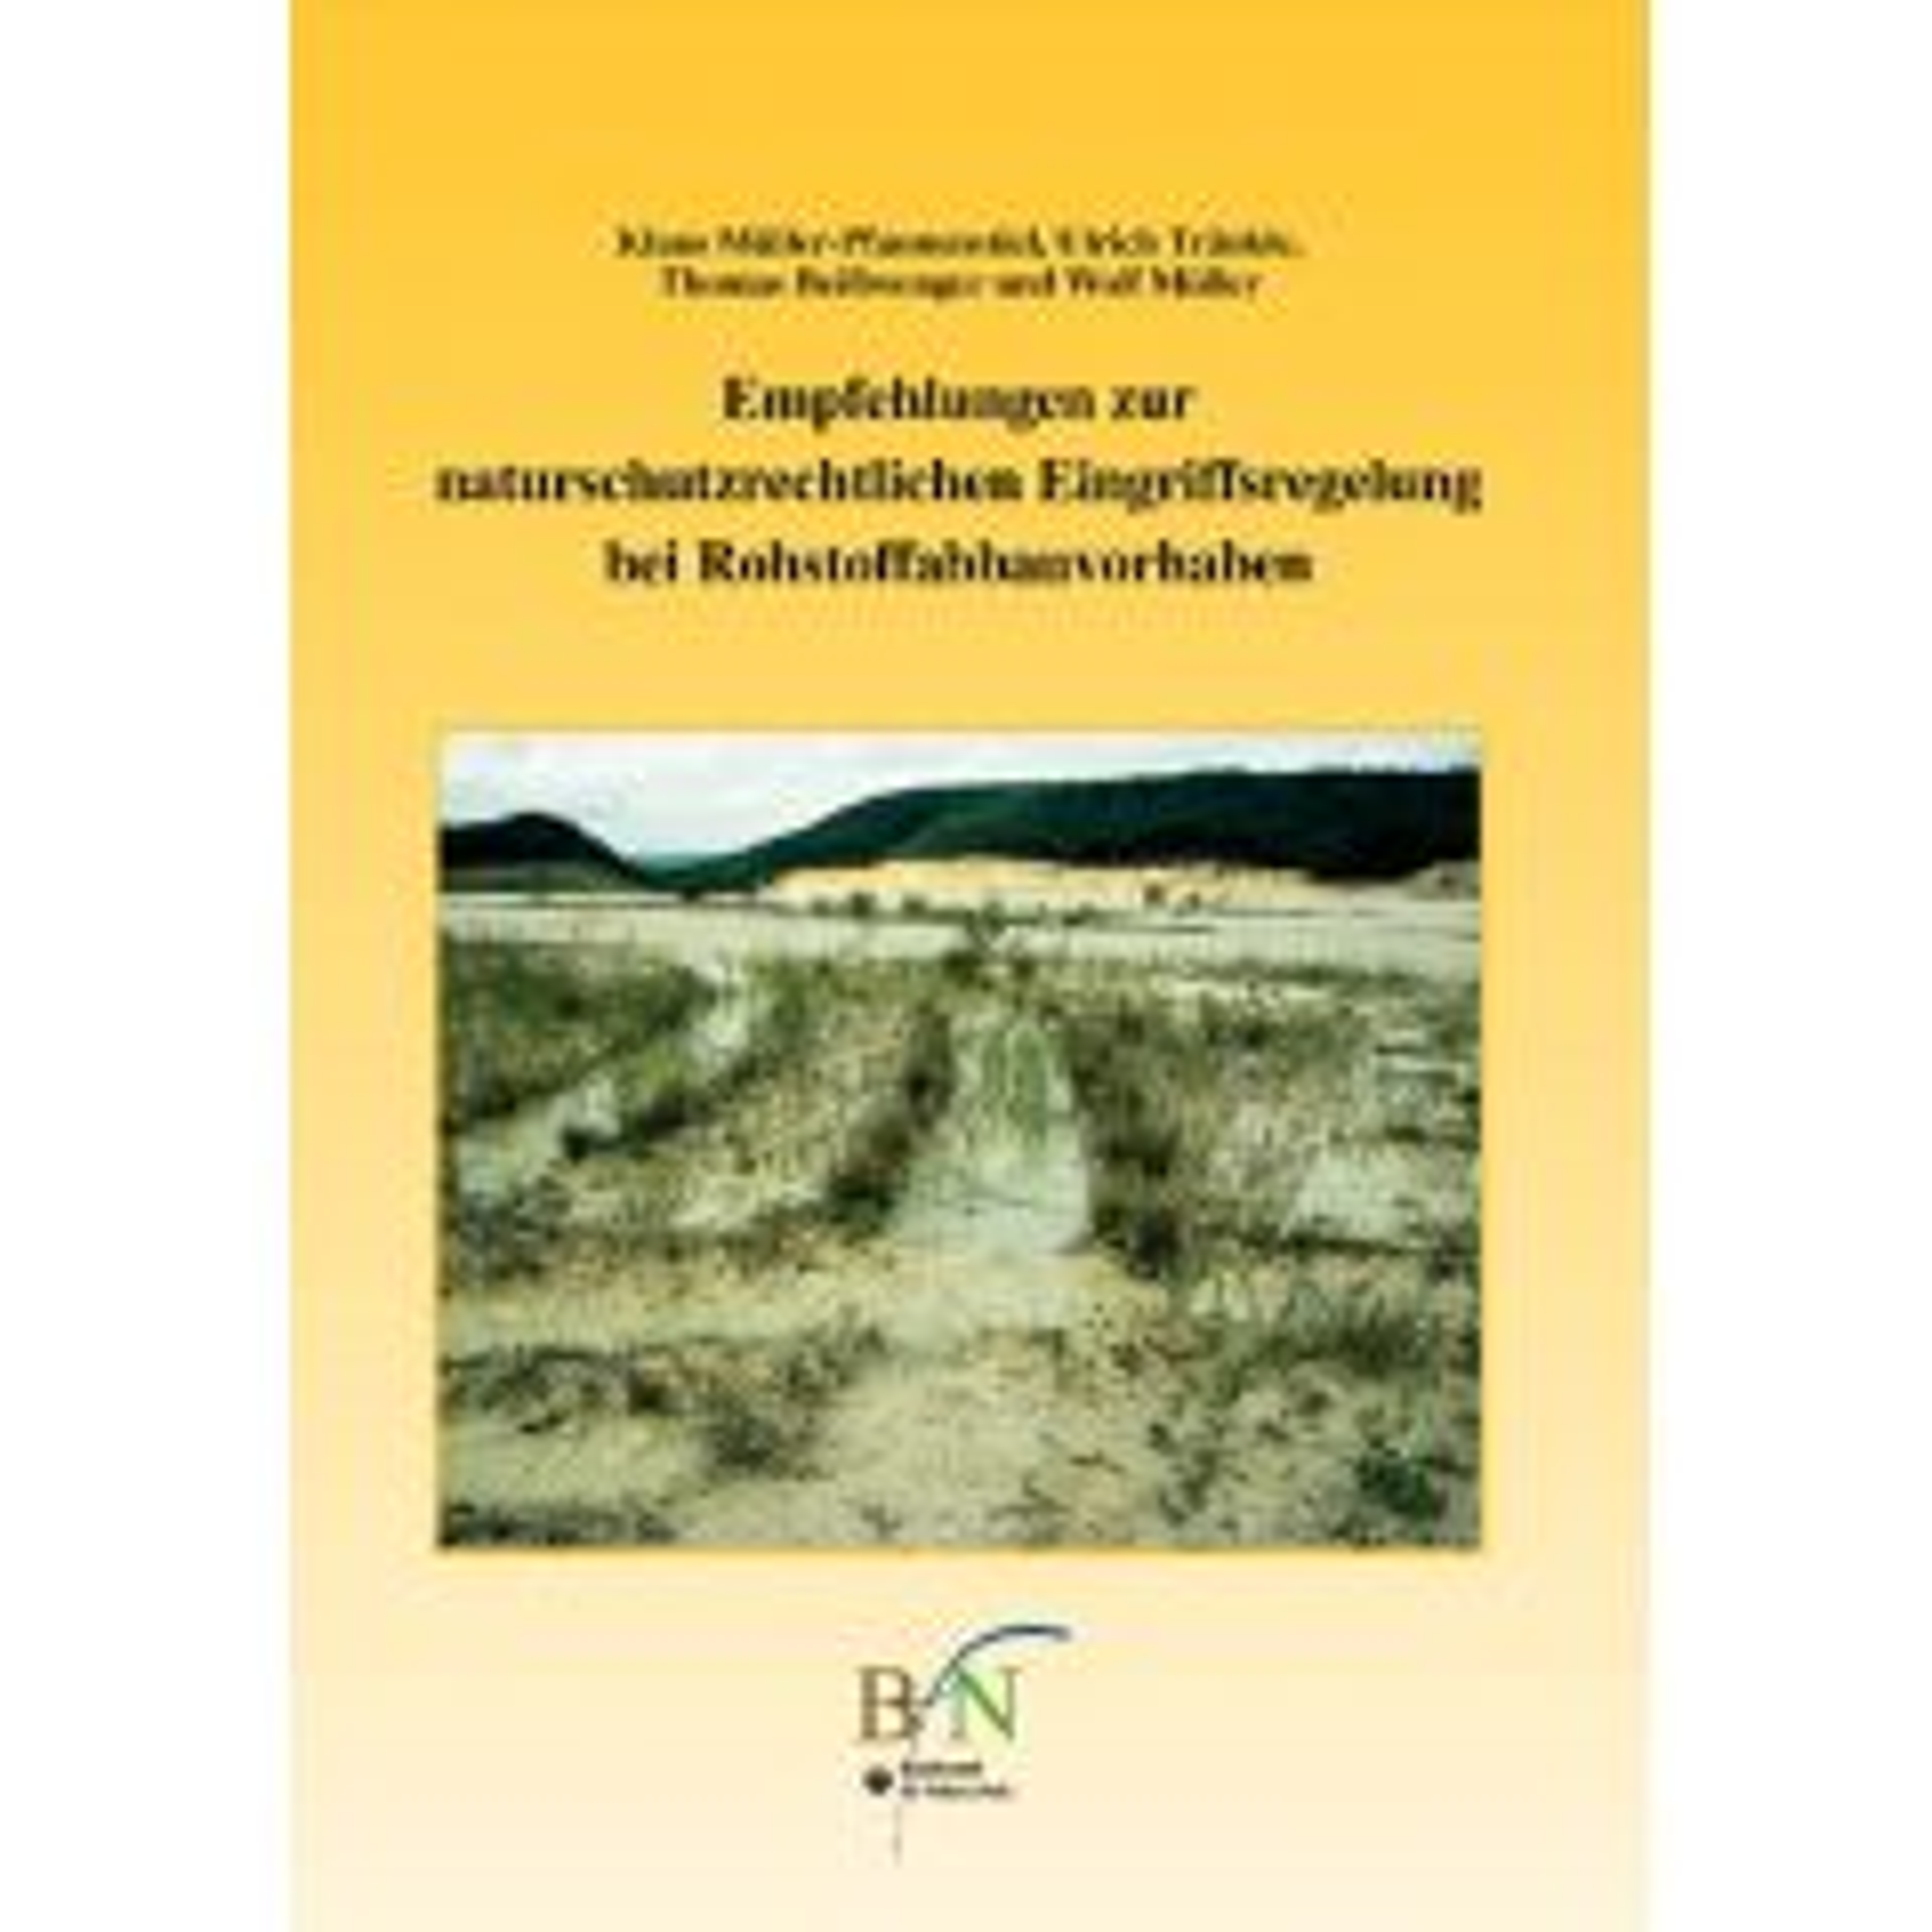 Empfehlungen zur naturschutzrechtlichen Eingriffsregelung bei Rohstoffabbauvorhaben